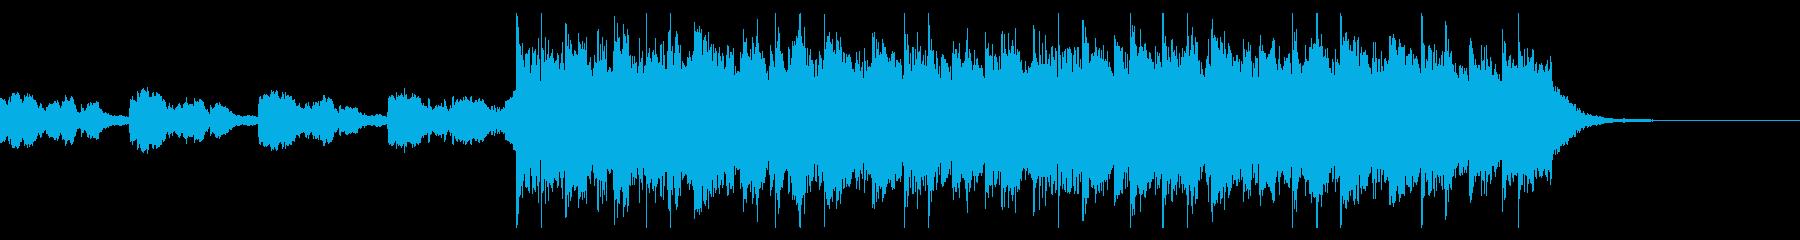 30秒、切ないピアノメロディーから希望への再生済みの波形